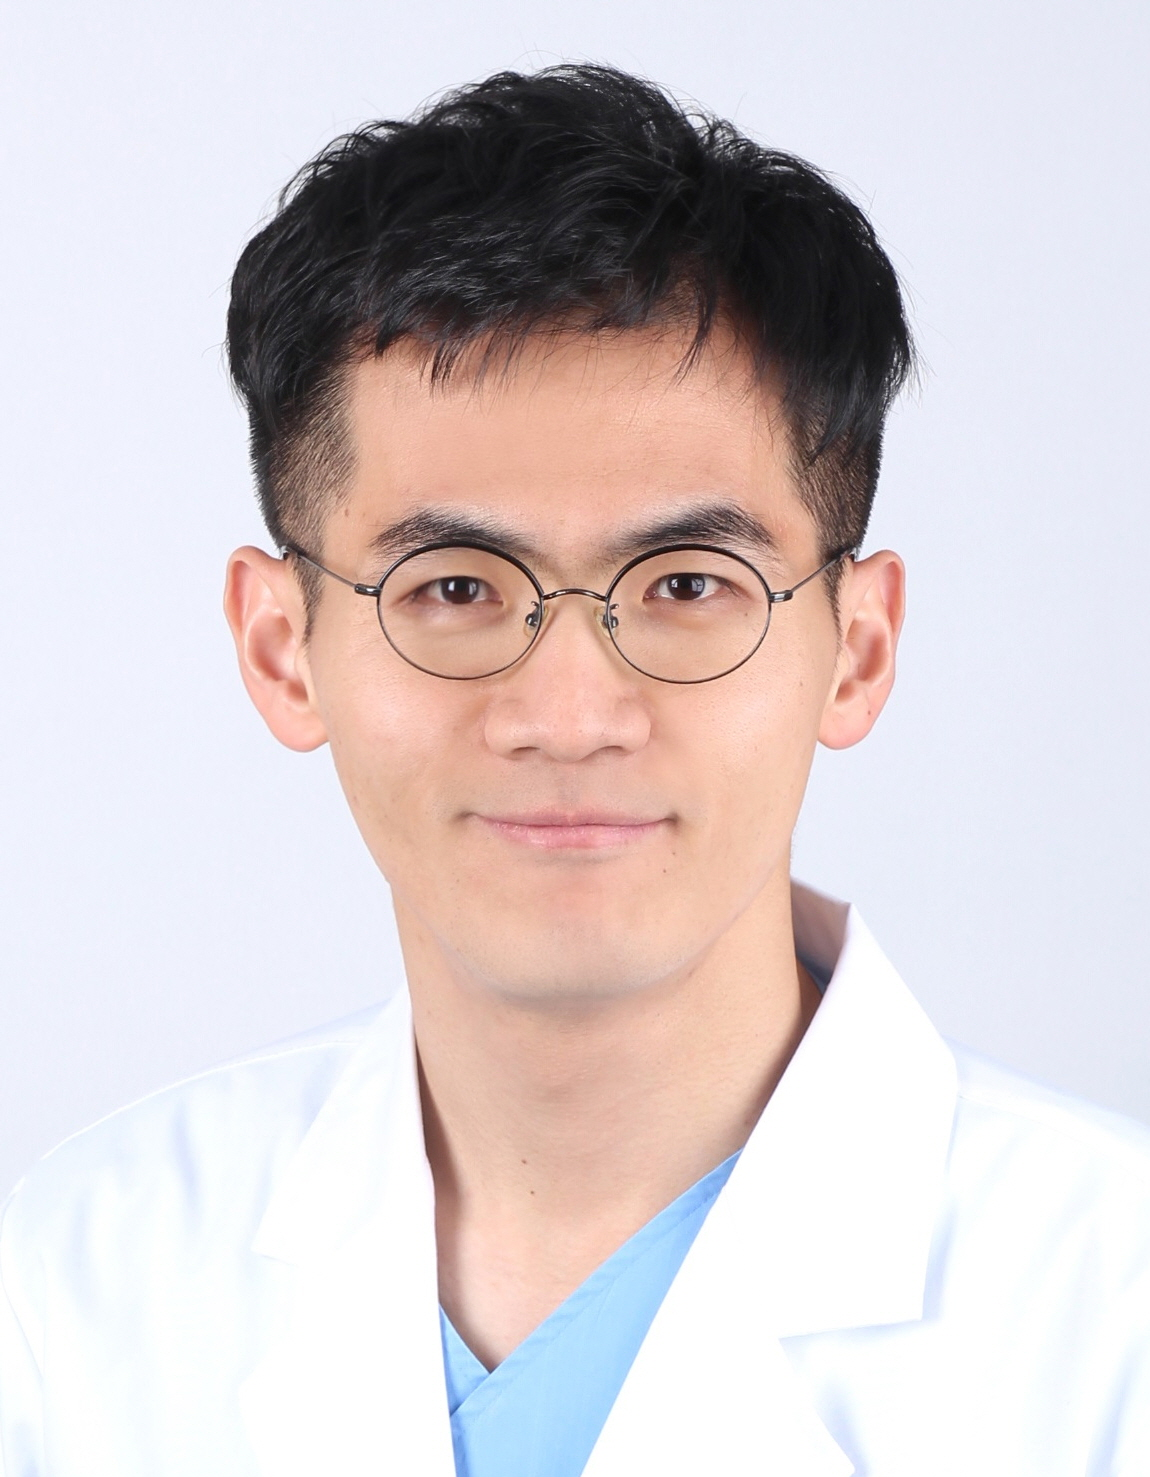 김원제 교수 사진